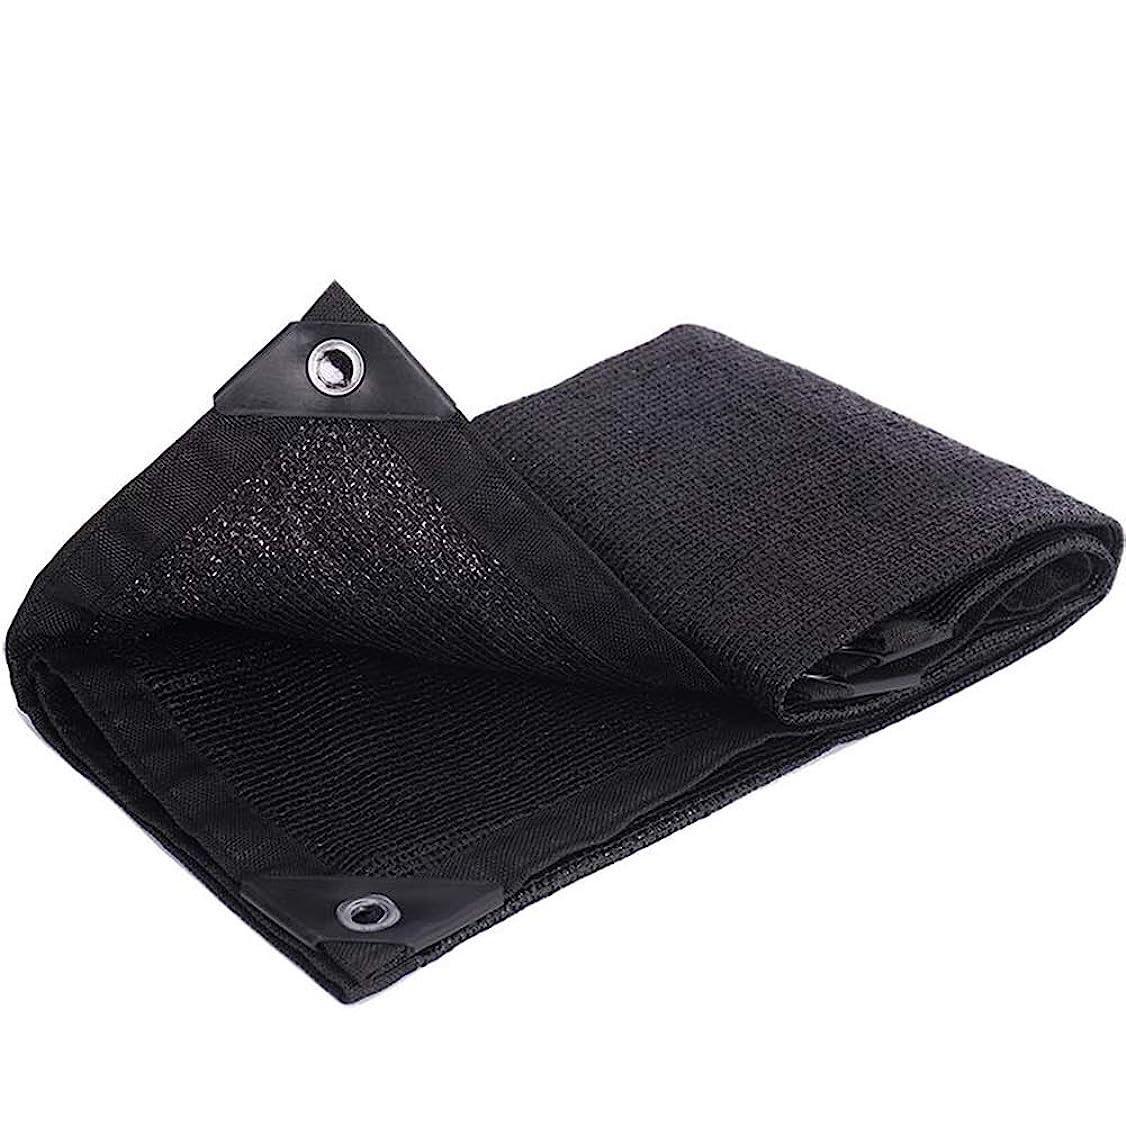 櫛オーバーランいっぱいバイザー布 黒 90% シェーディング率 エッジパンチ 屋外の パティオ ルーフ 遮光ネット 20サイズ ラブカンパニー EE (Color : Black, Size : 2x3m)